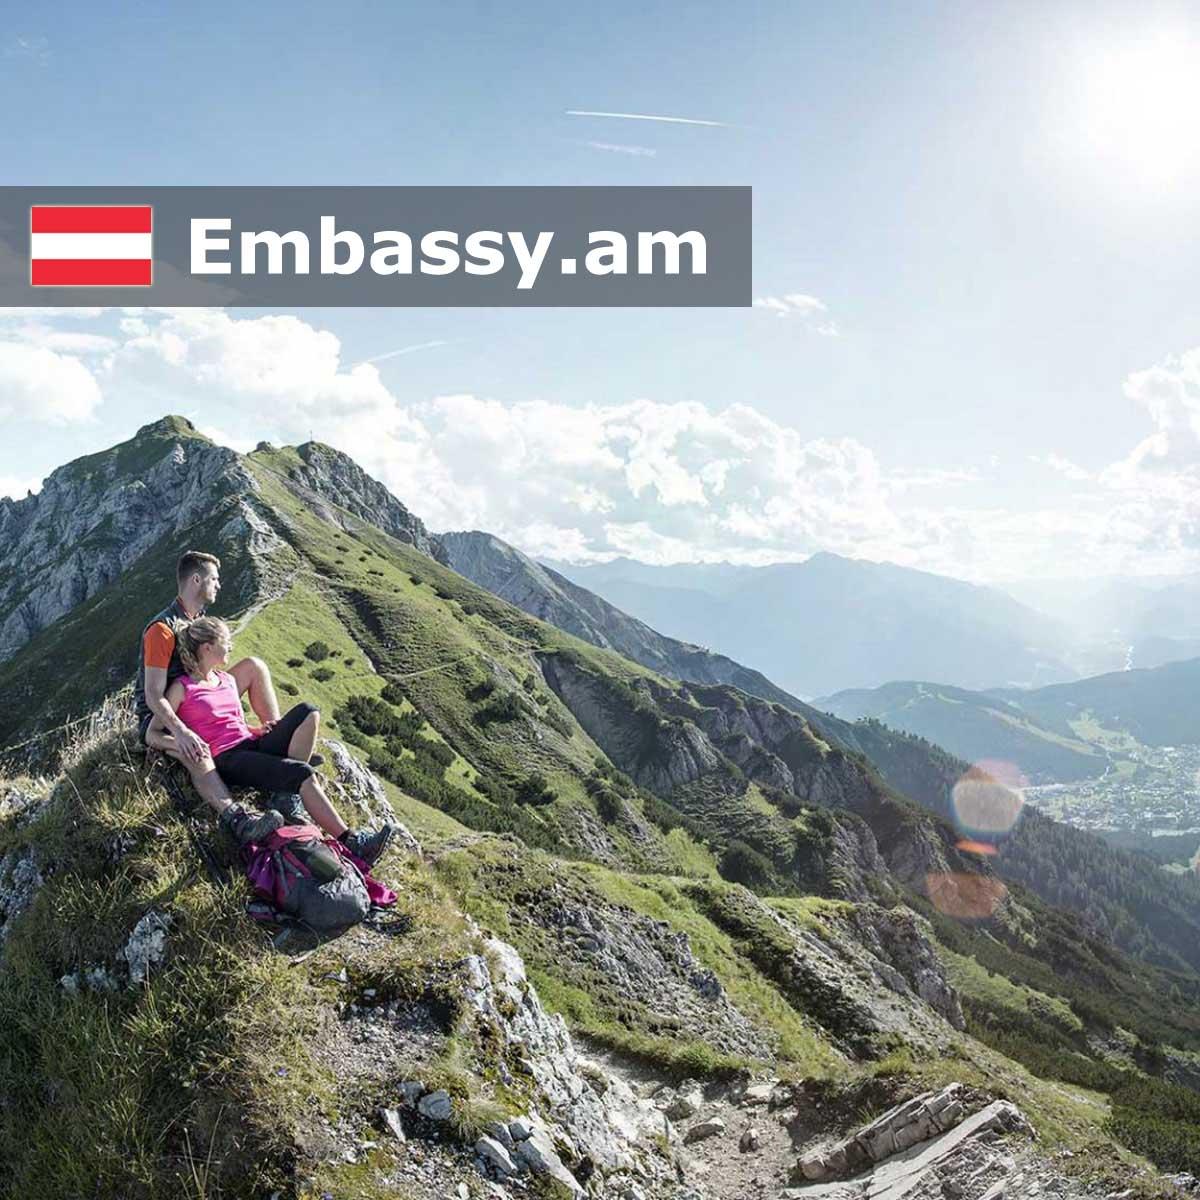 Зеефельд - Отели в Австрии - Embassy.am